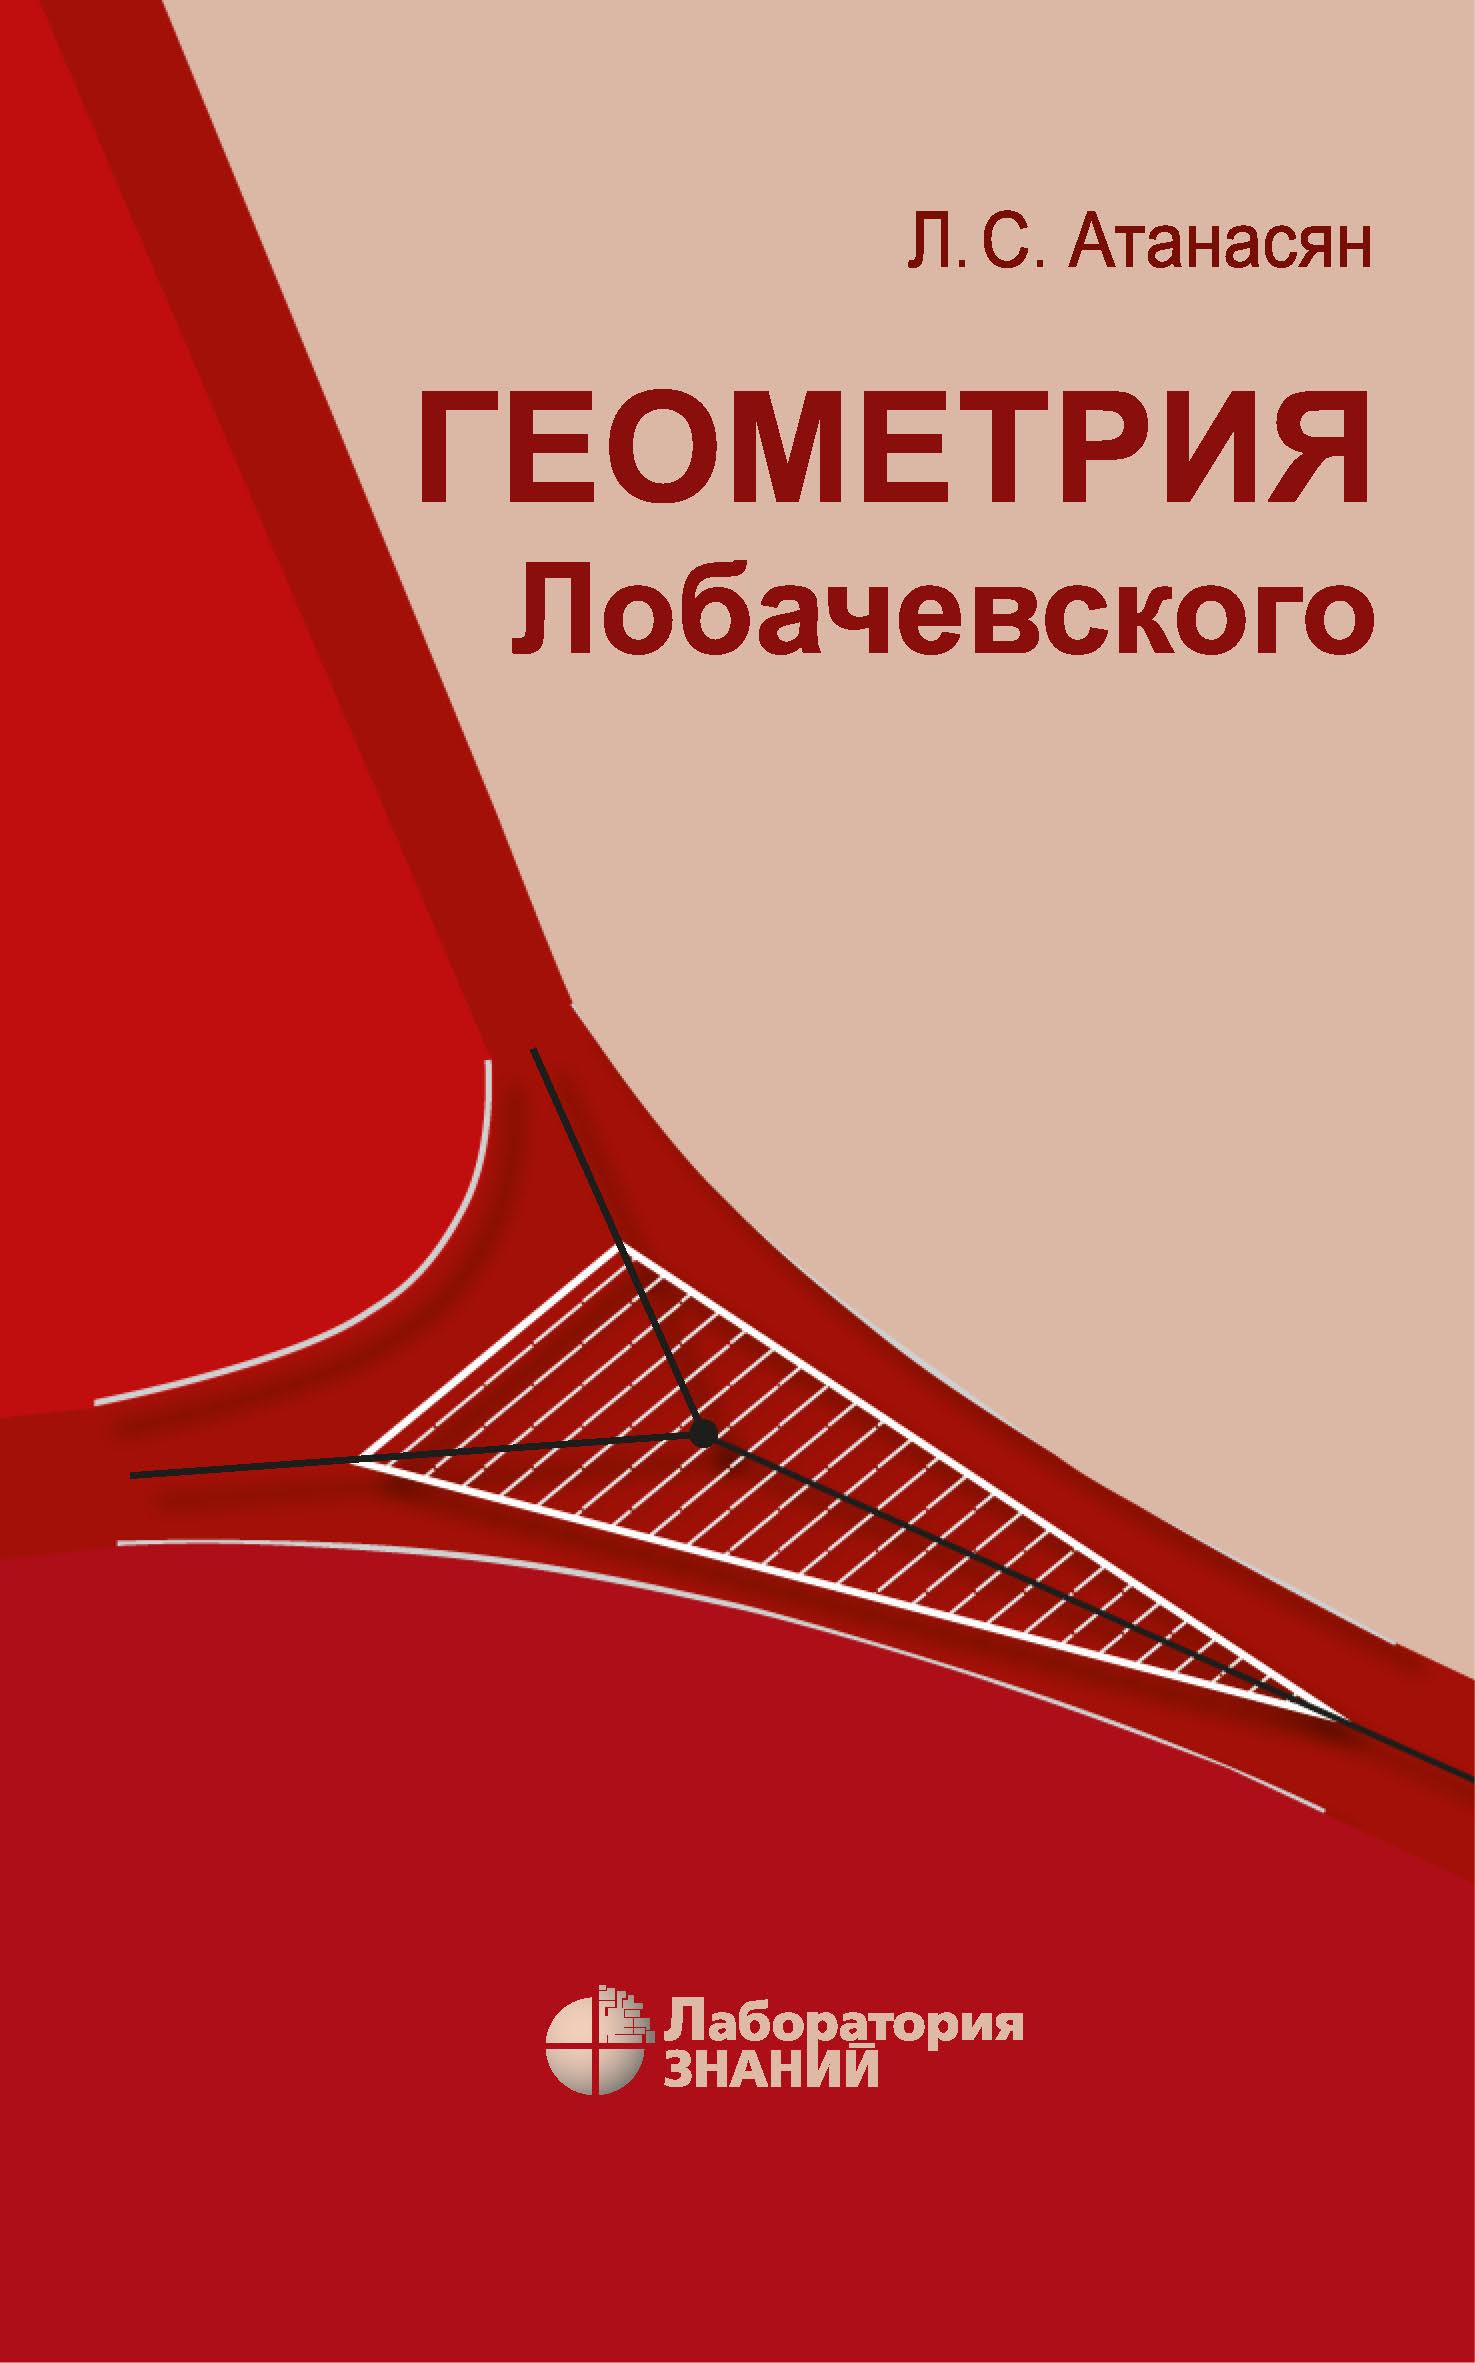 купить Л. С. Атанасян Геометрия Лобачевского недорого